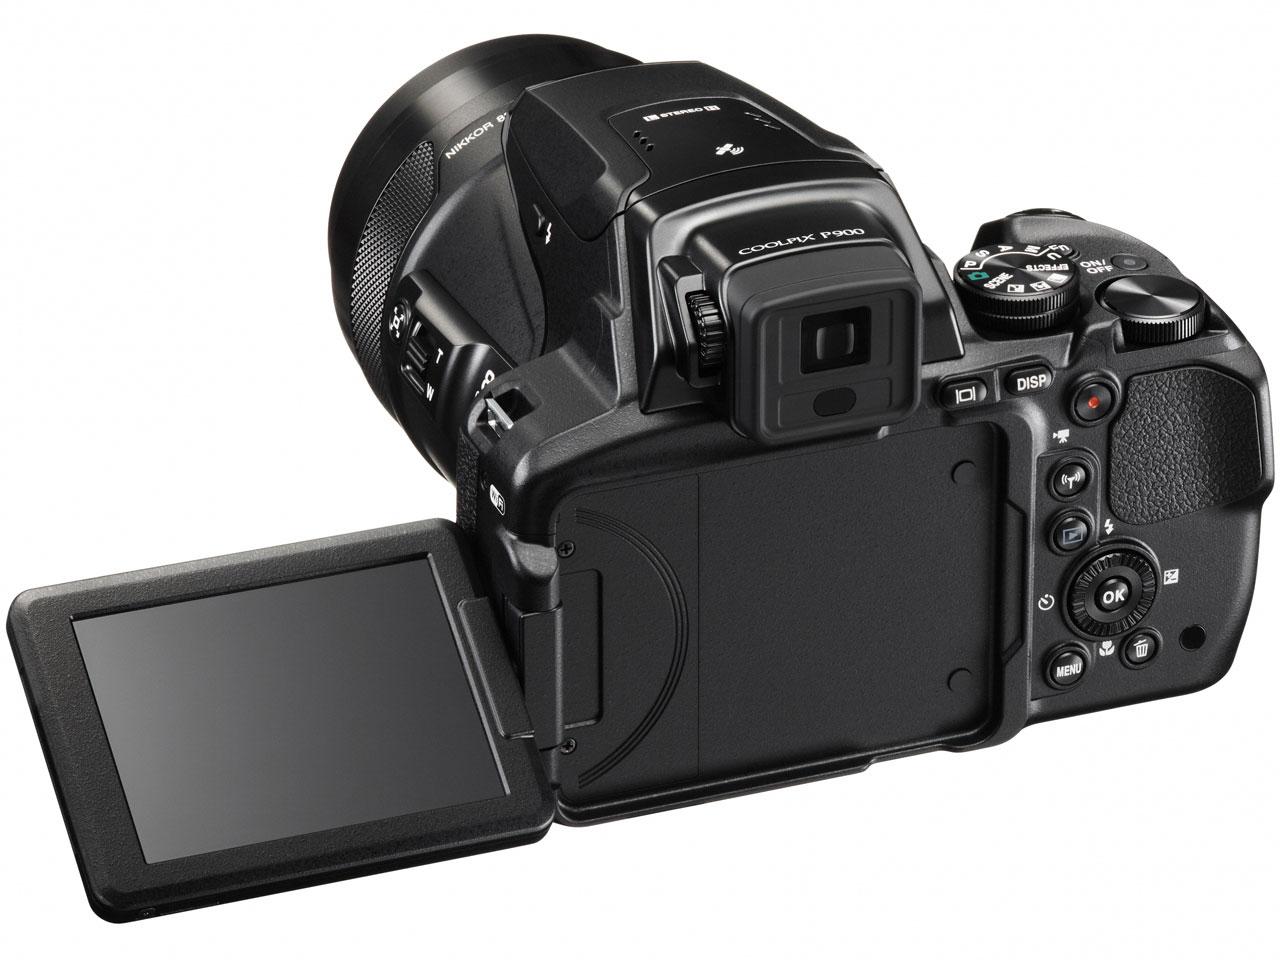 『本体 背面 バリアングル1』 COOLPIX P900 の製品画像